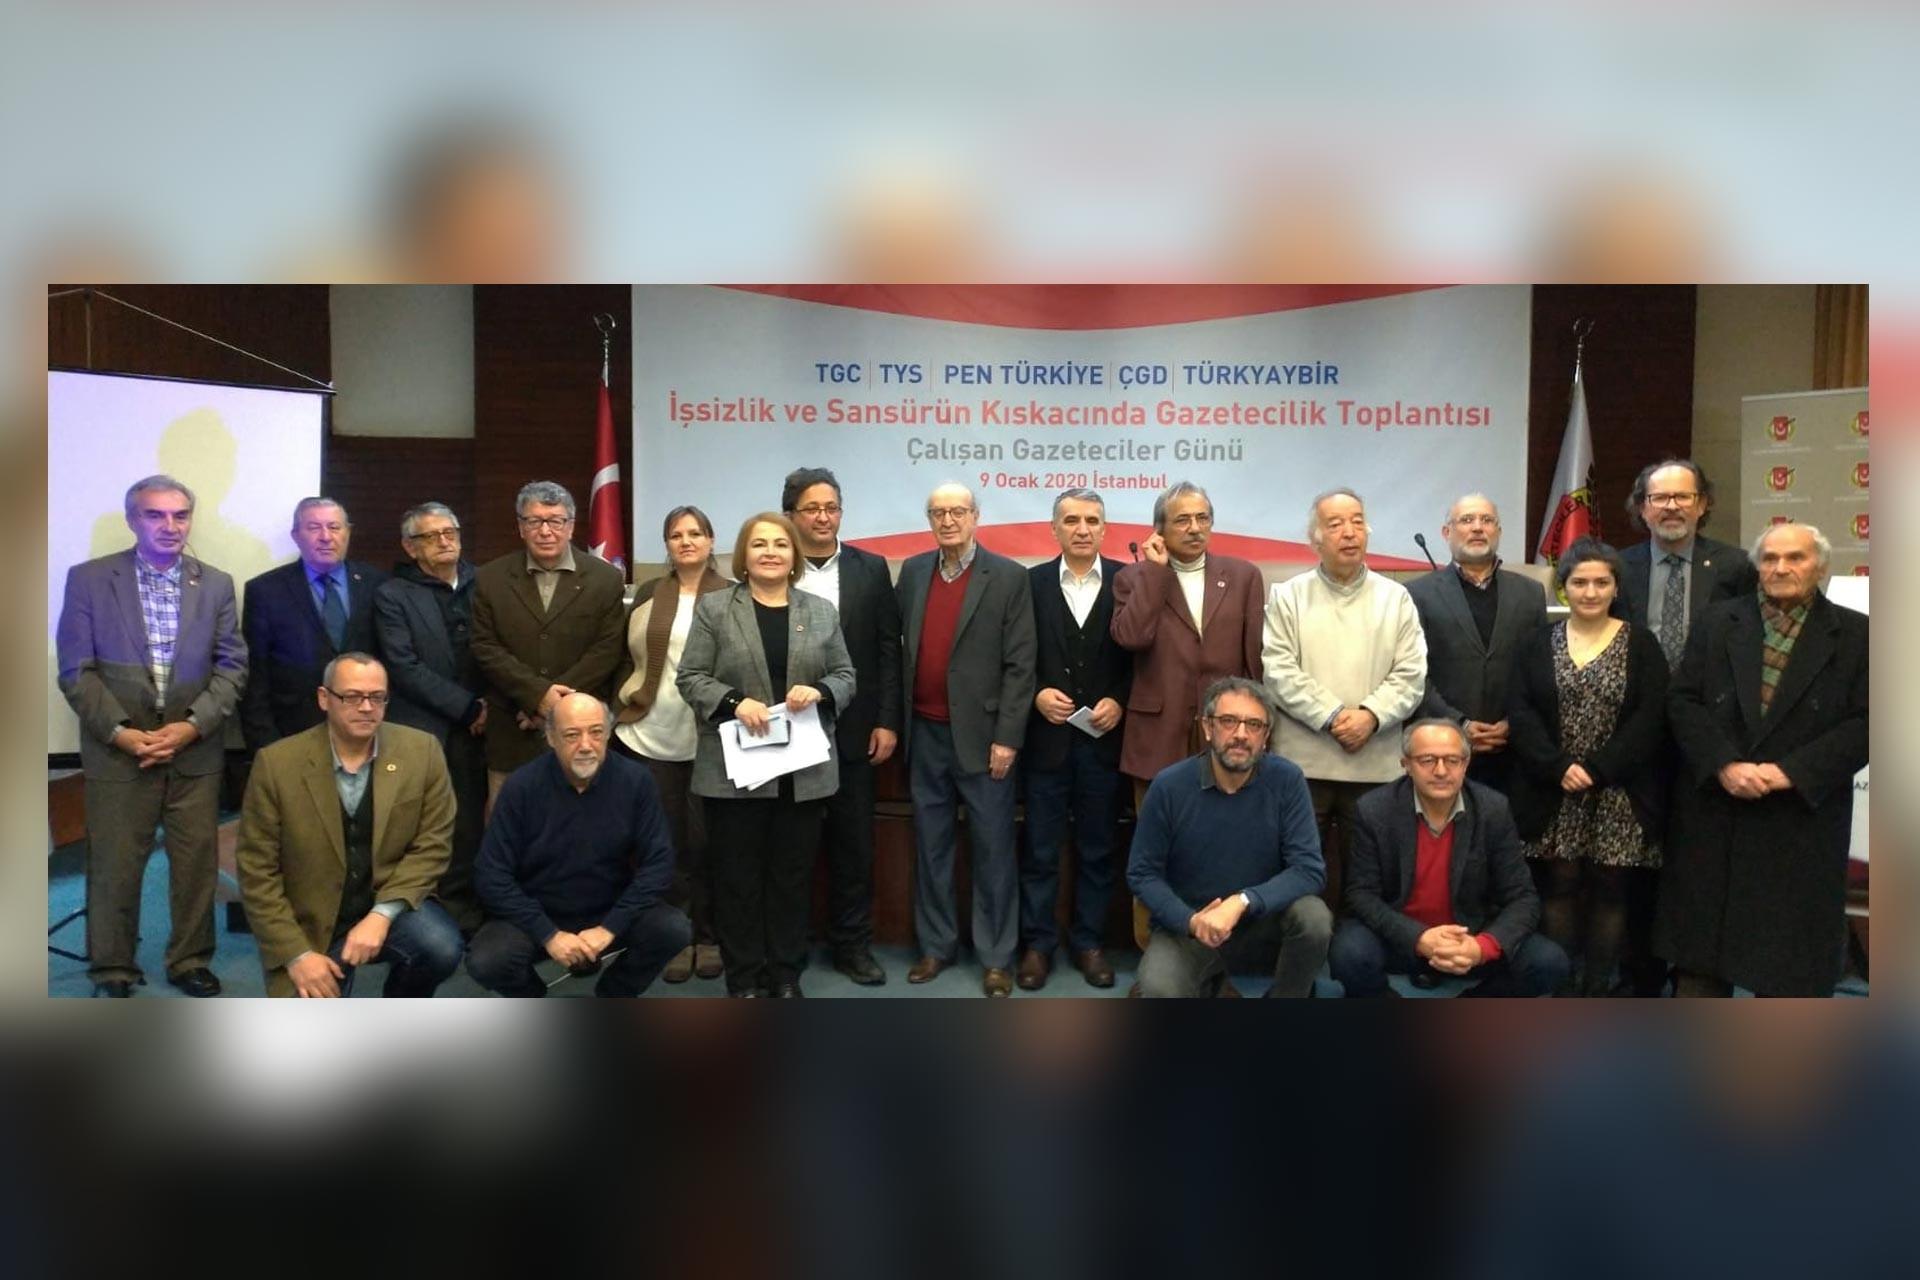 10 Ocak Çalışan Gazeteciler günü nedeniyle Türkiye Gazeteciler Cemiyeti, Türkiye Yazarlar Sendikası, PEN Türkiye Merkezi, Çağdaş Gazeteciler Derneği ve Türkiye Yayıncılar Birliği'nin düzenlediği 'İşsizlik ve Sansürün Kıskacında Gazetecilik' başlıklı toplantıdan toplu bir fotoğraf